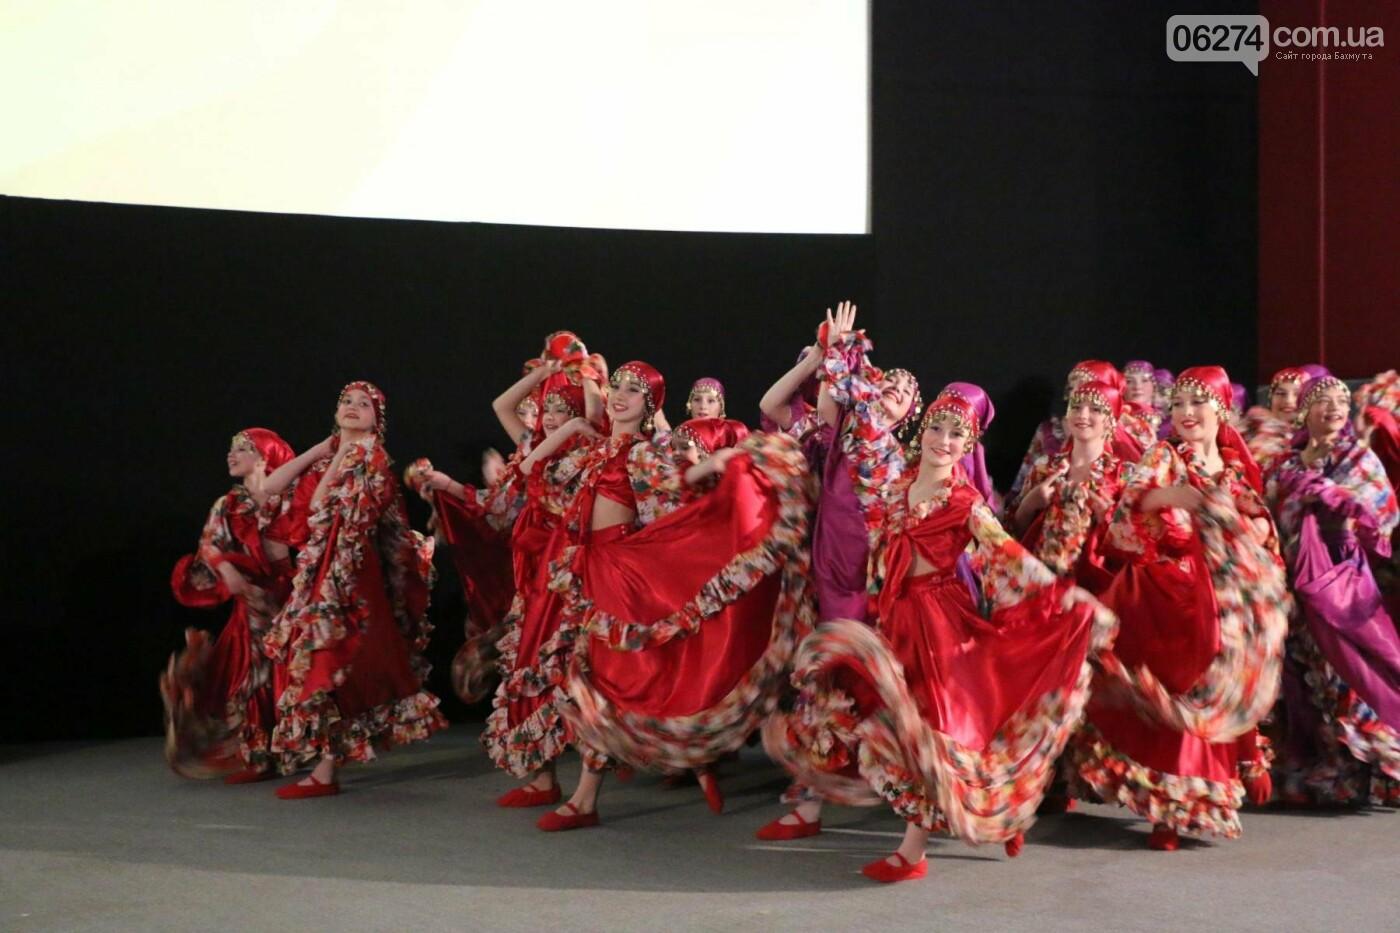 В Бахмуте прошел отчетный концерт образцового ансамбля танца «Непоседы» (ФОТОРЕПОРТАЖ), фото-49